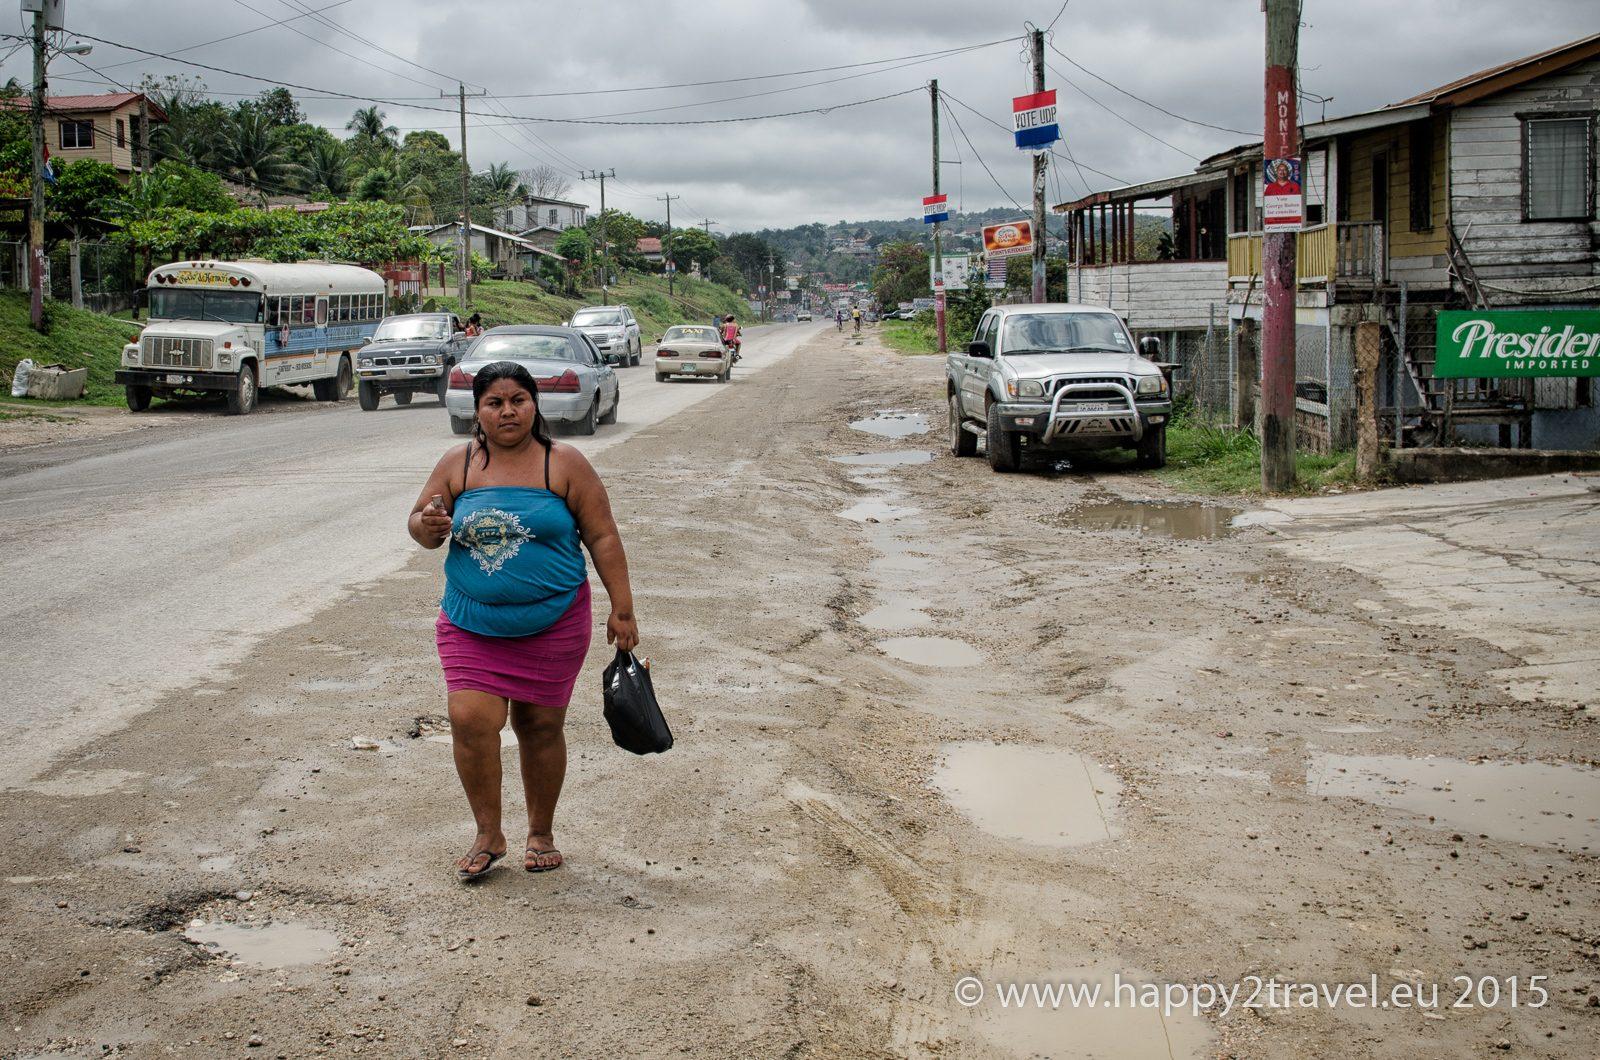 Hranica je ako vždy v Strednej Amerike neprívetivé a špinavé miesto